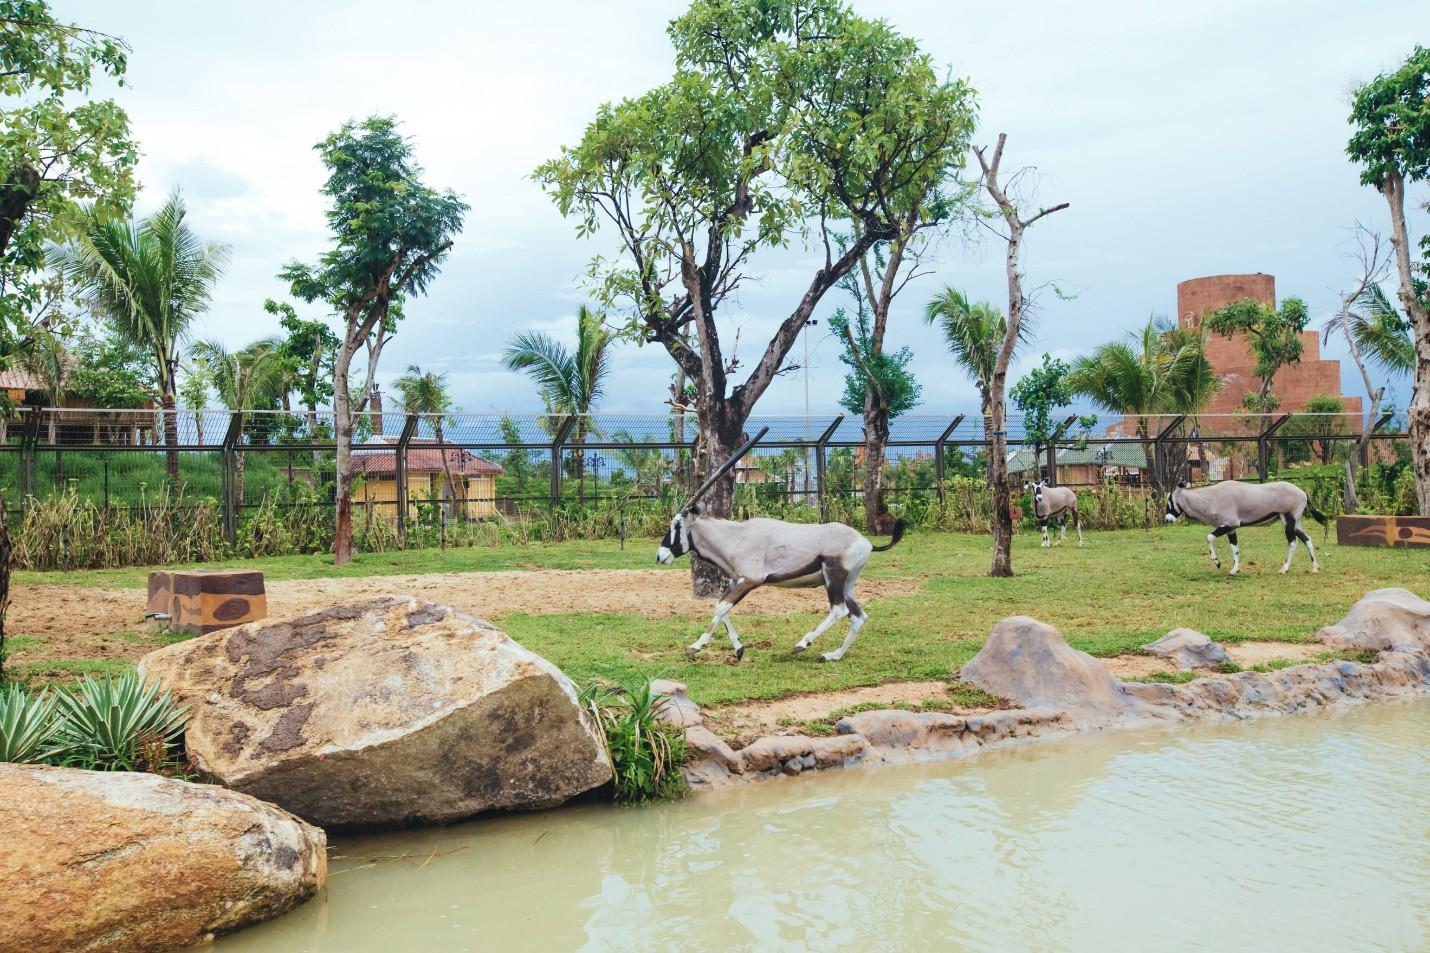 Một vòng khám phá River Safari - Công viên bảo tồn động vật hoang dã trên sông tại Hội An - Ảnh 1.